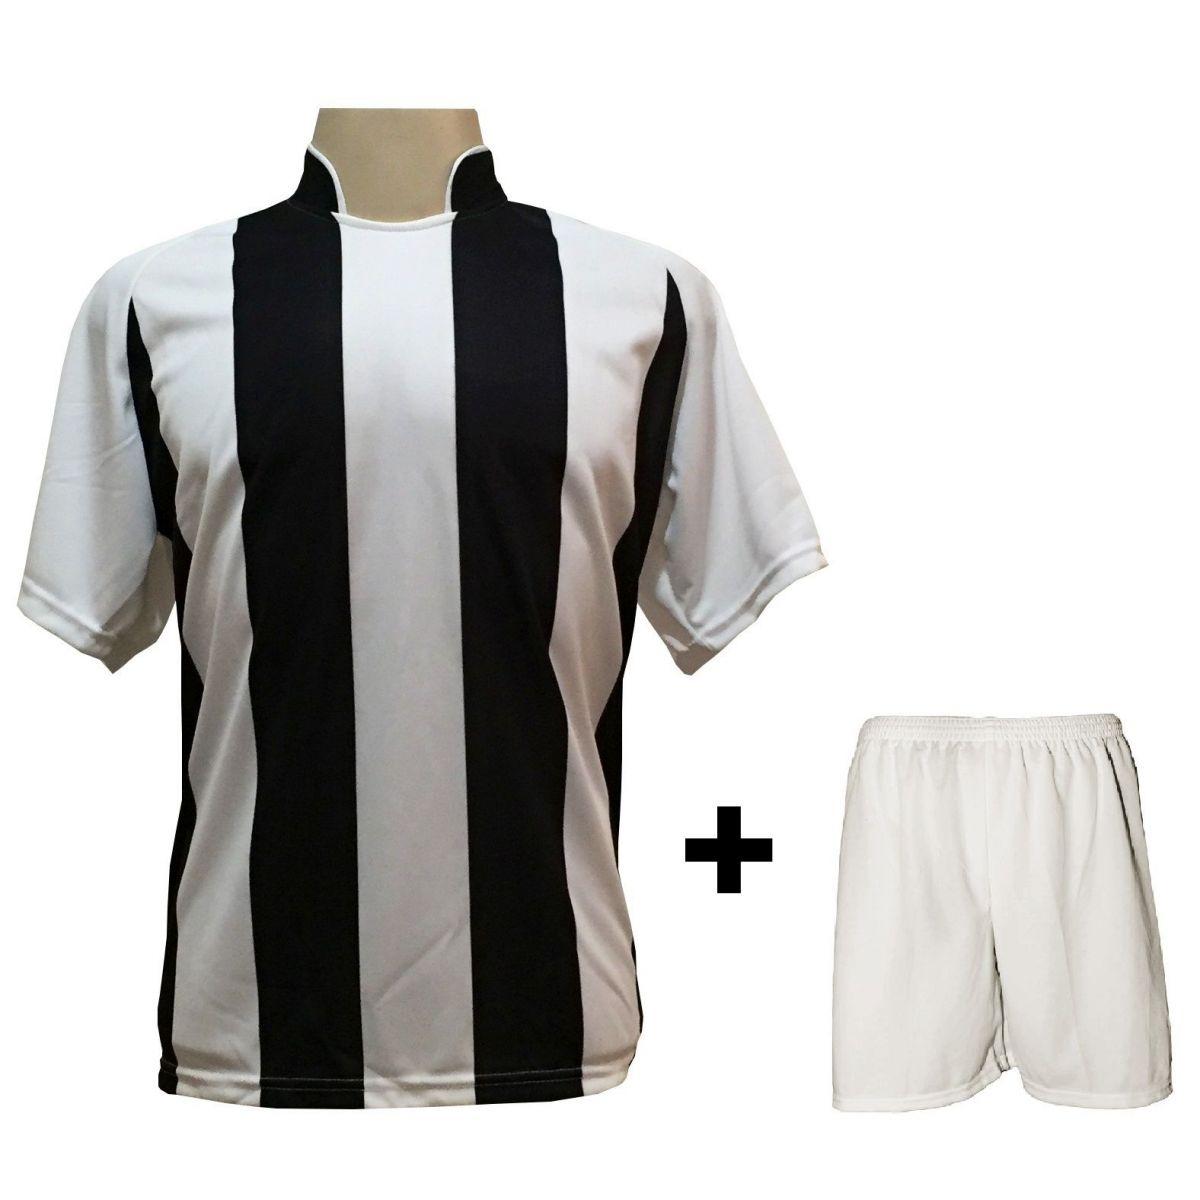 Uniforme Esportivo com 18 camisas modelo Milan Branco/Preto + 18 calções modelo Madrid + 1 Goleiro + Brindes